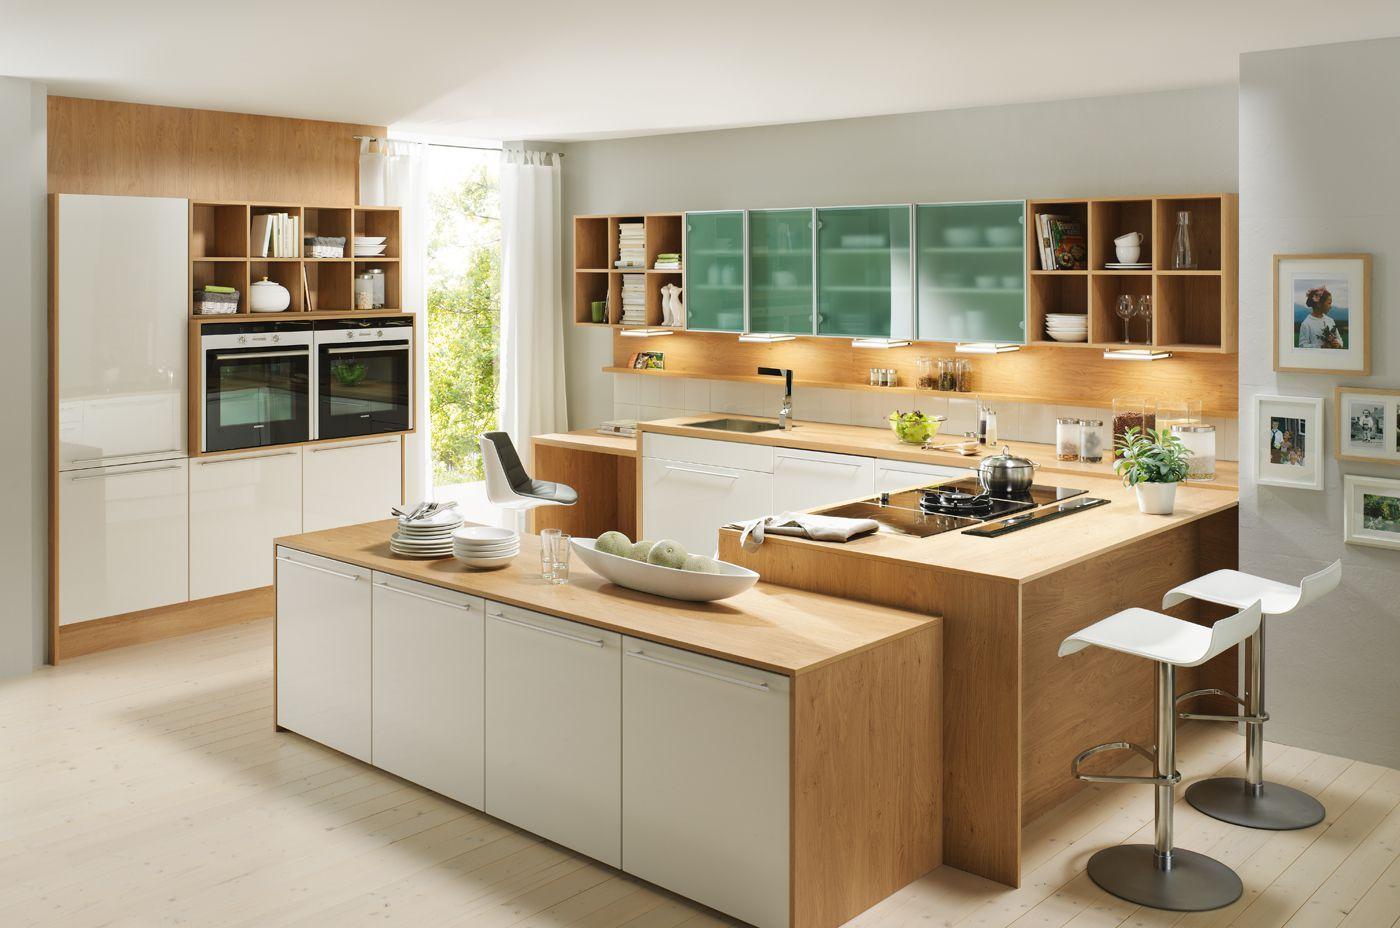 DAN Küchen | Keuken ontw. | Pinterest | Dan küchen und Küche